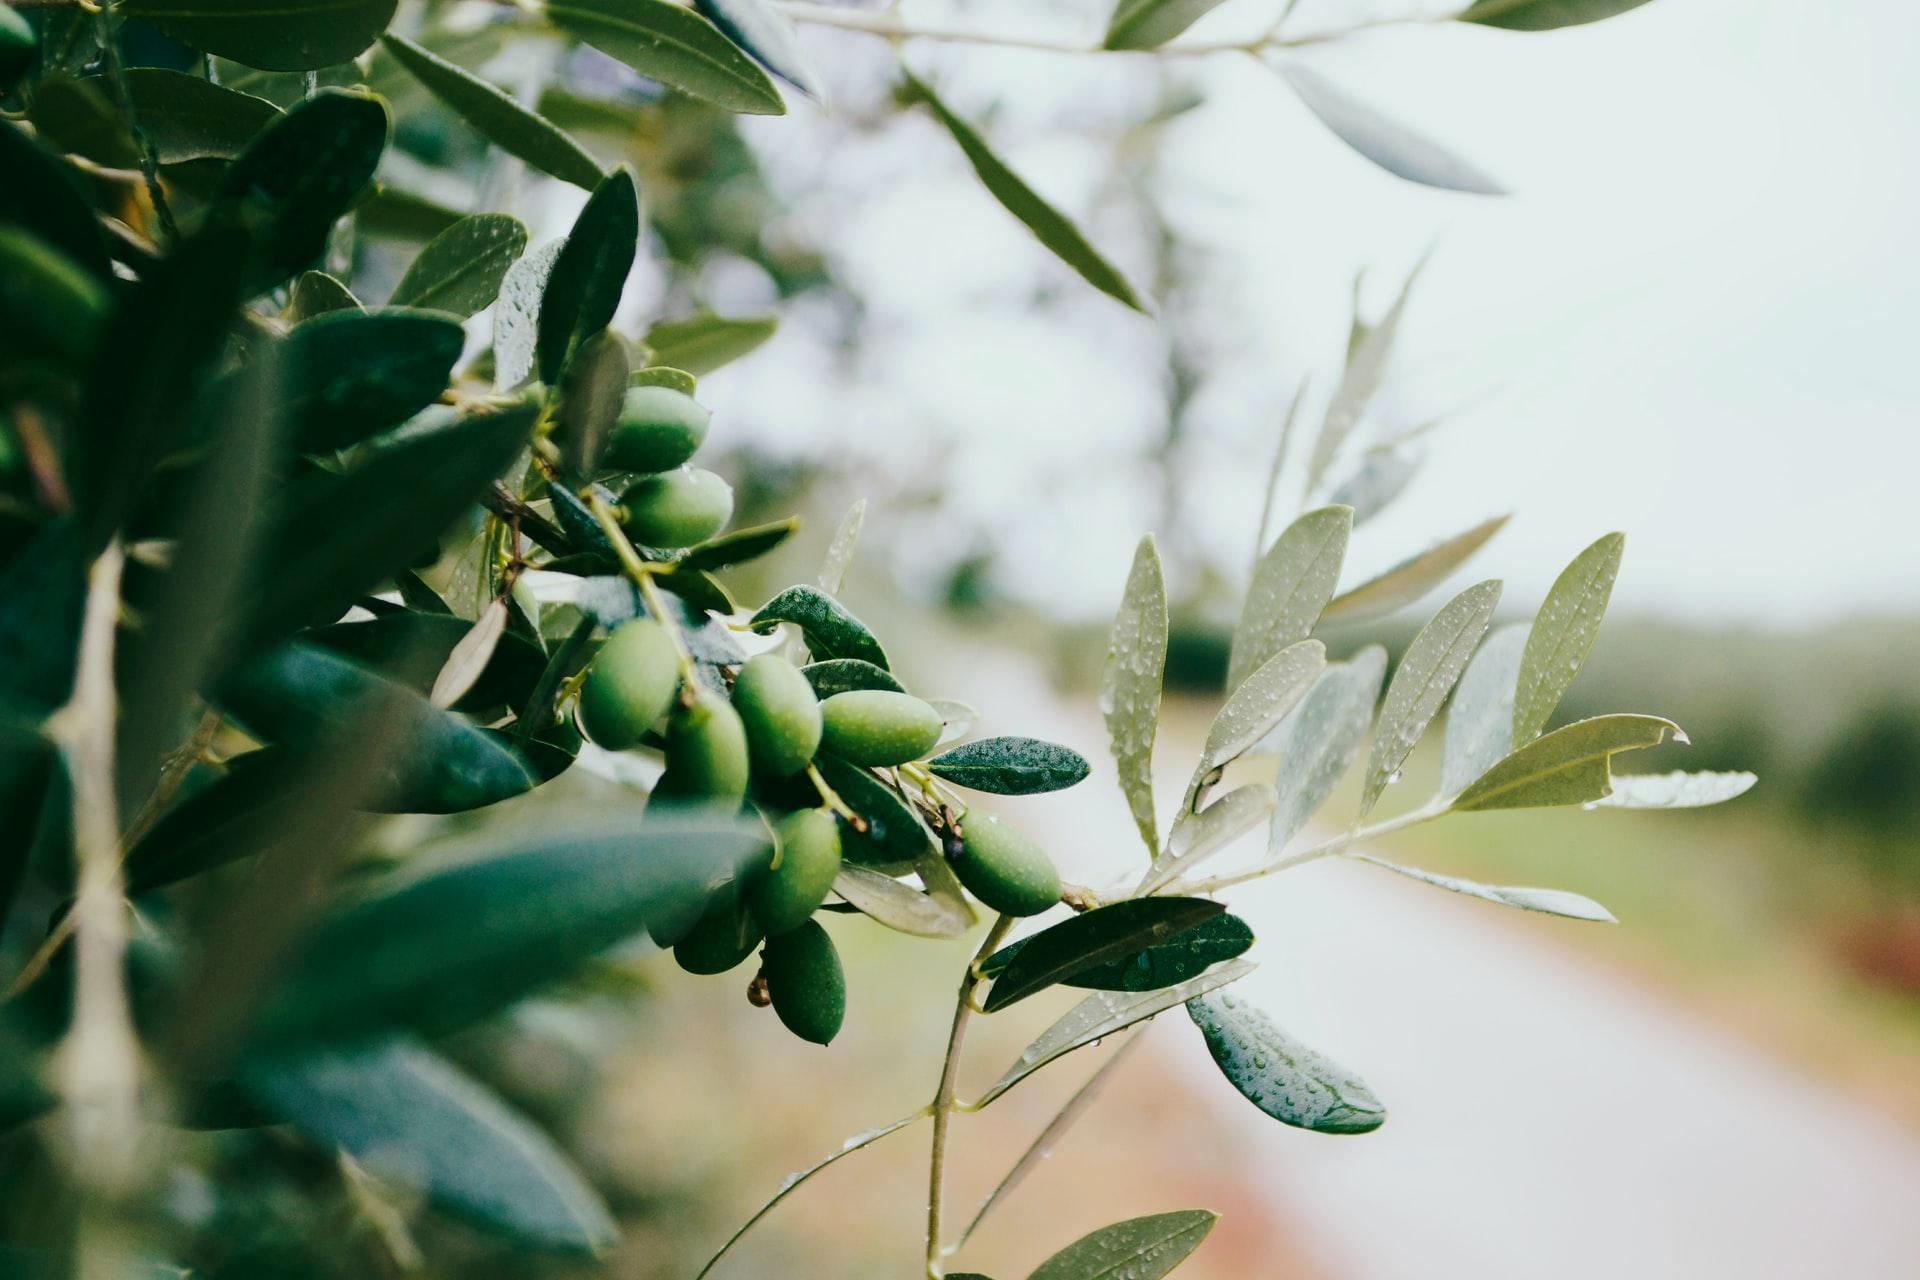 olives on olive branch